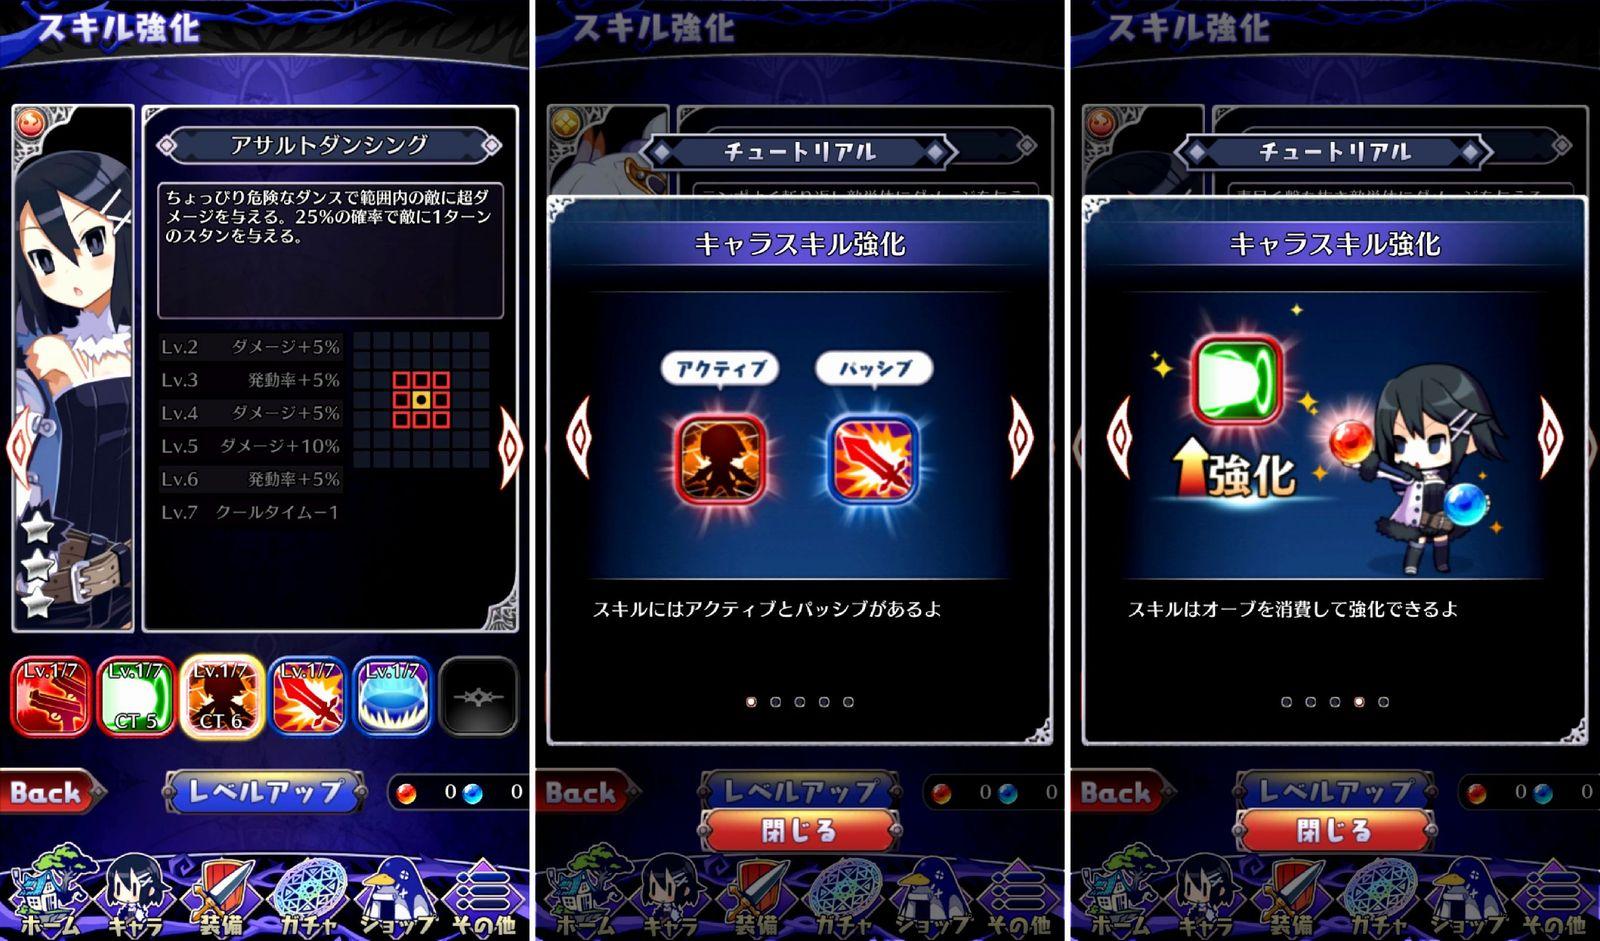 幻の作品『魔界ウォーズ』Android版がついに本日配信開始!